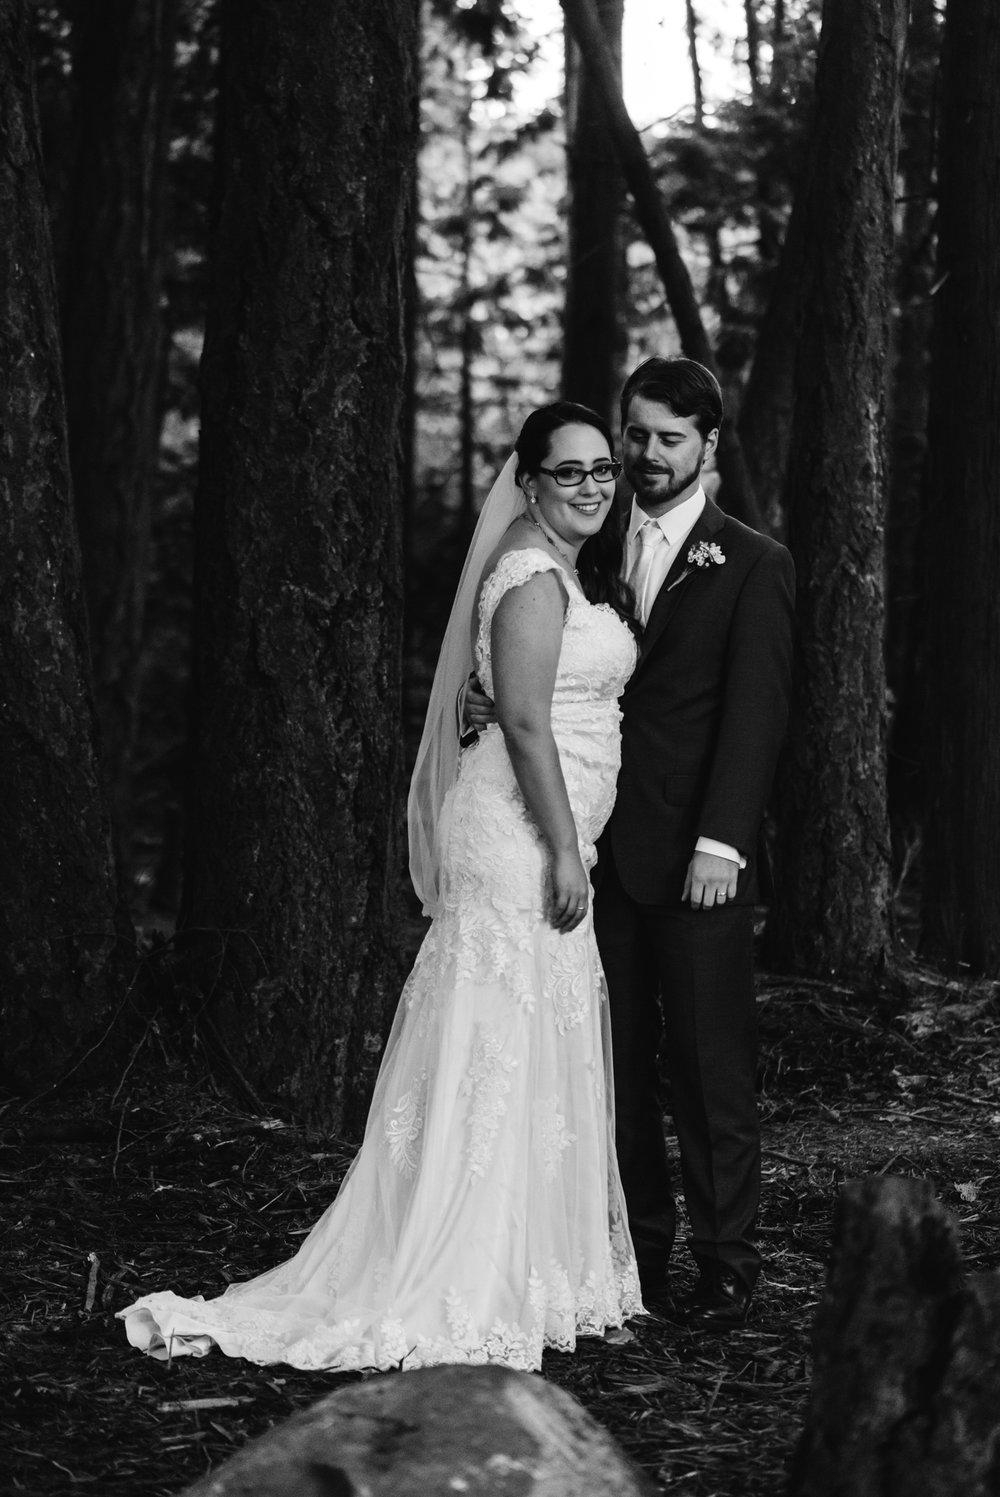 Nicola_Reiersen_Photography_Sea_Cider_Forest_Wedding (105).jpg